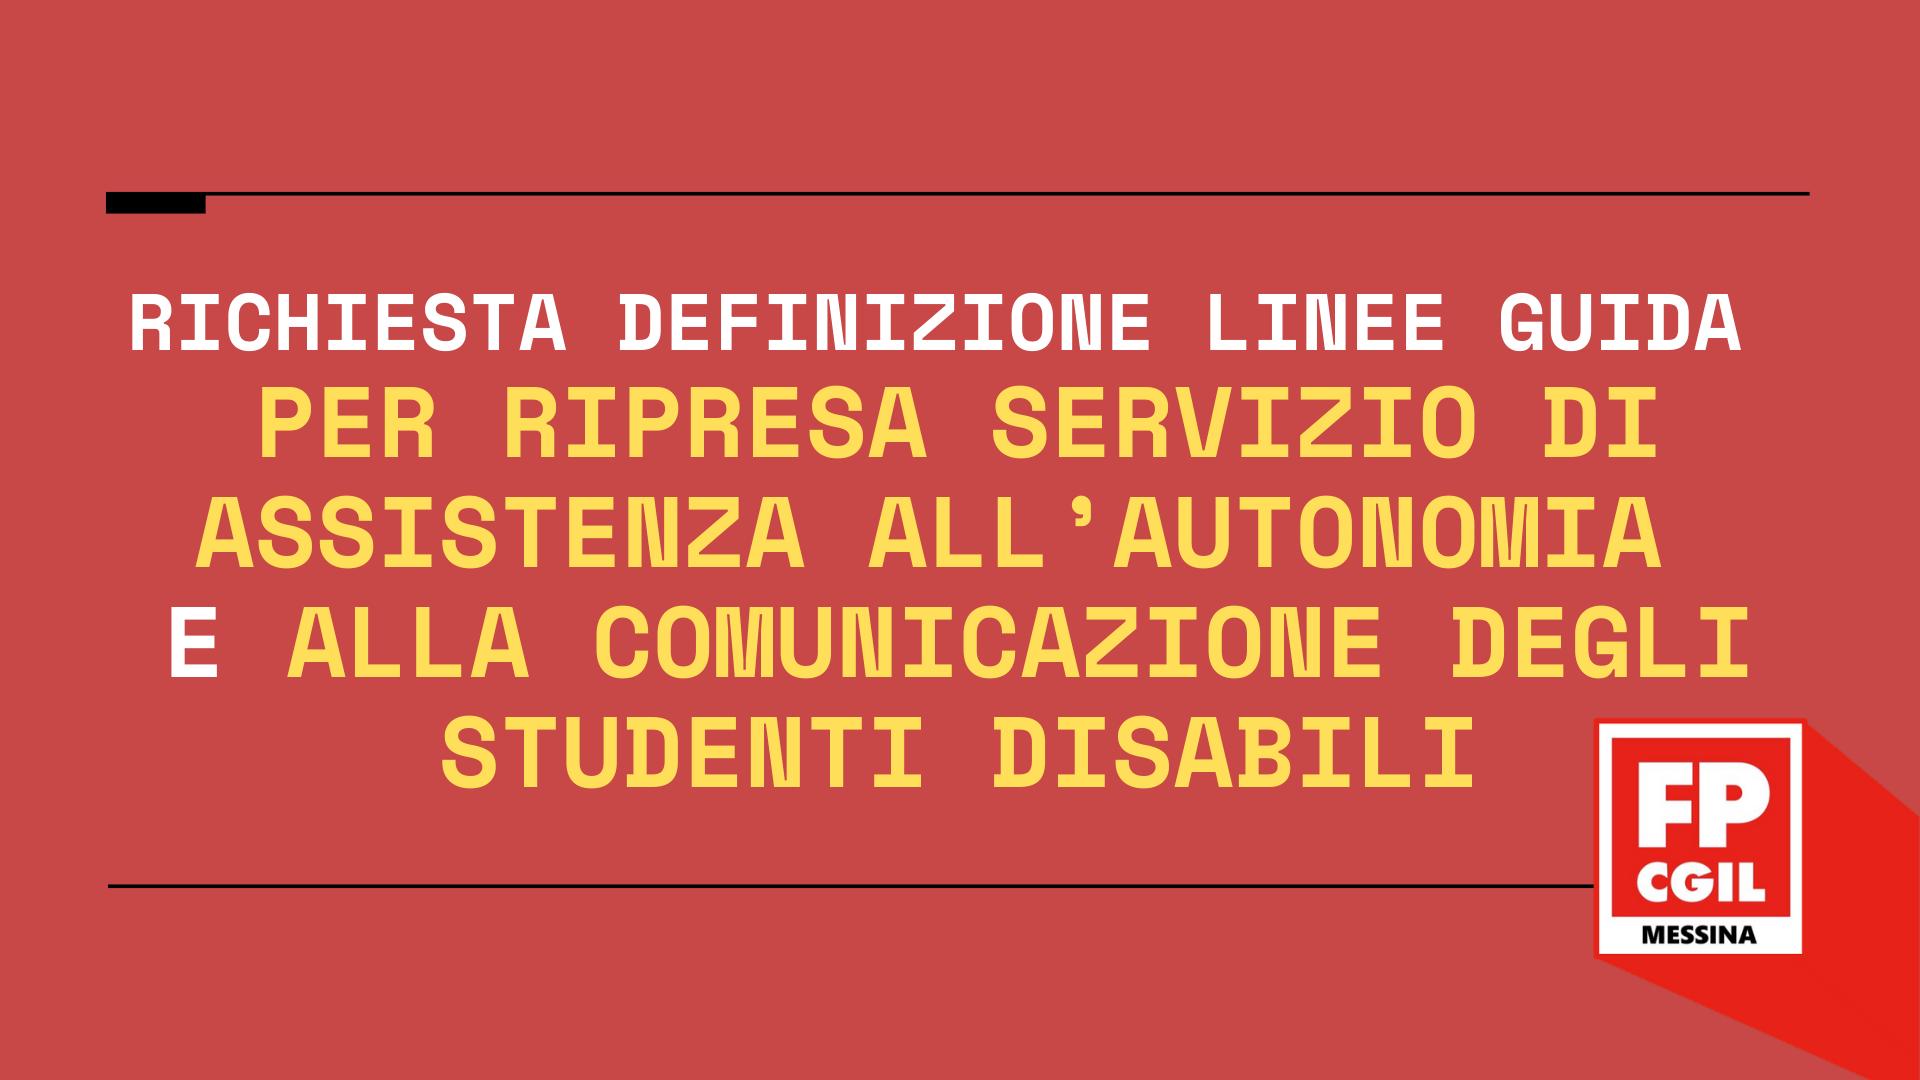 Richiesta definizione Linee Guida per ripresa servizio di Assistenza all'autonomia e alla comunicazione degli studenti disabili